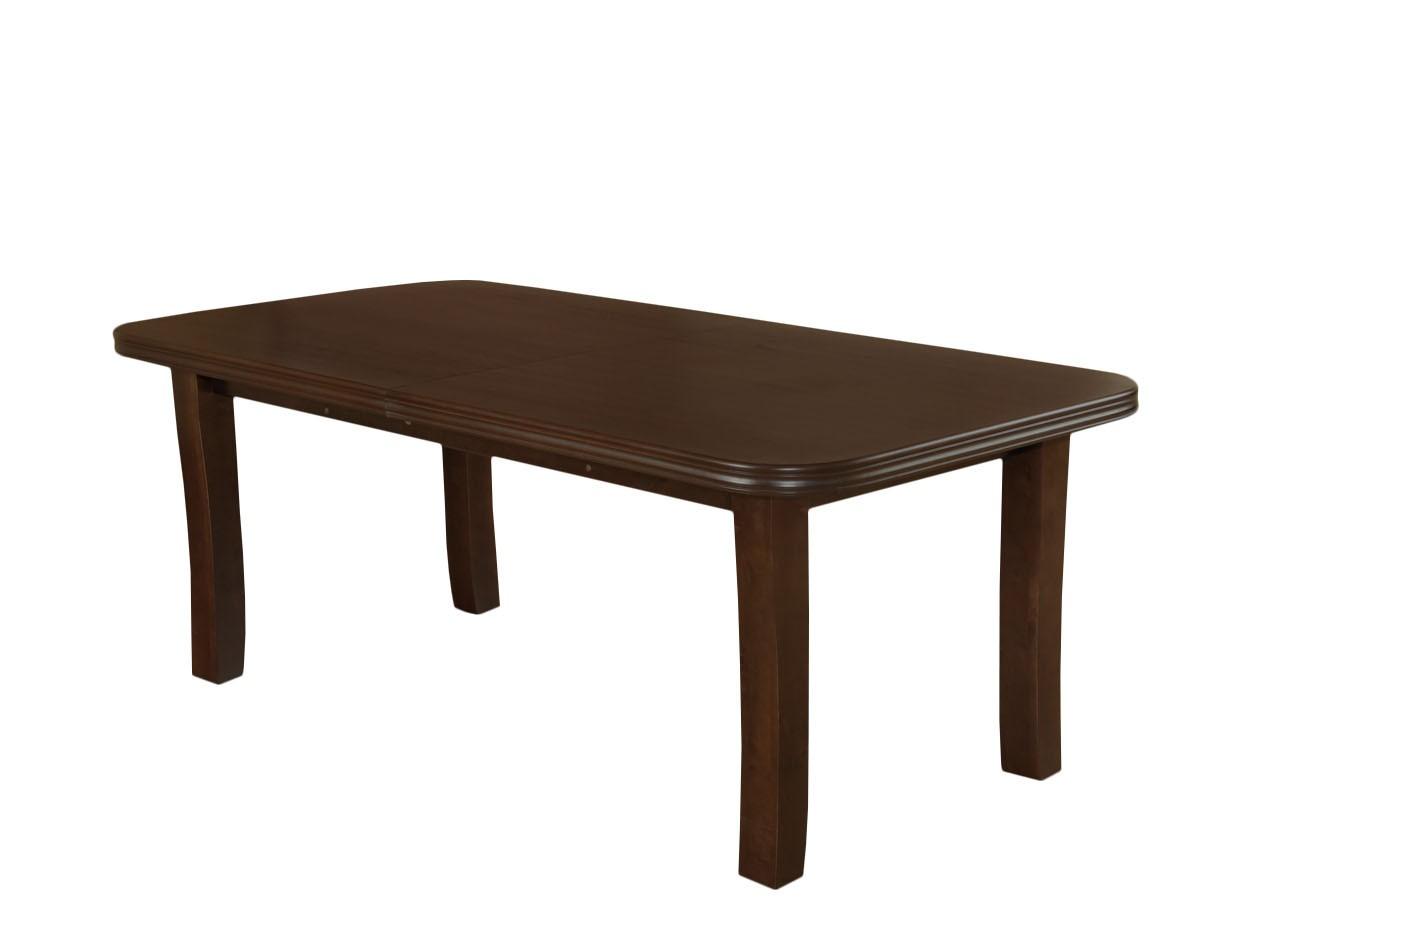 Stół do jadalni SM 11 160 cm rozkładany do 240 cm z trzema wkładkami